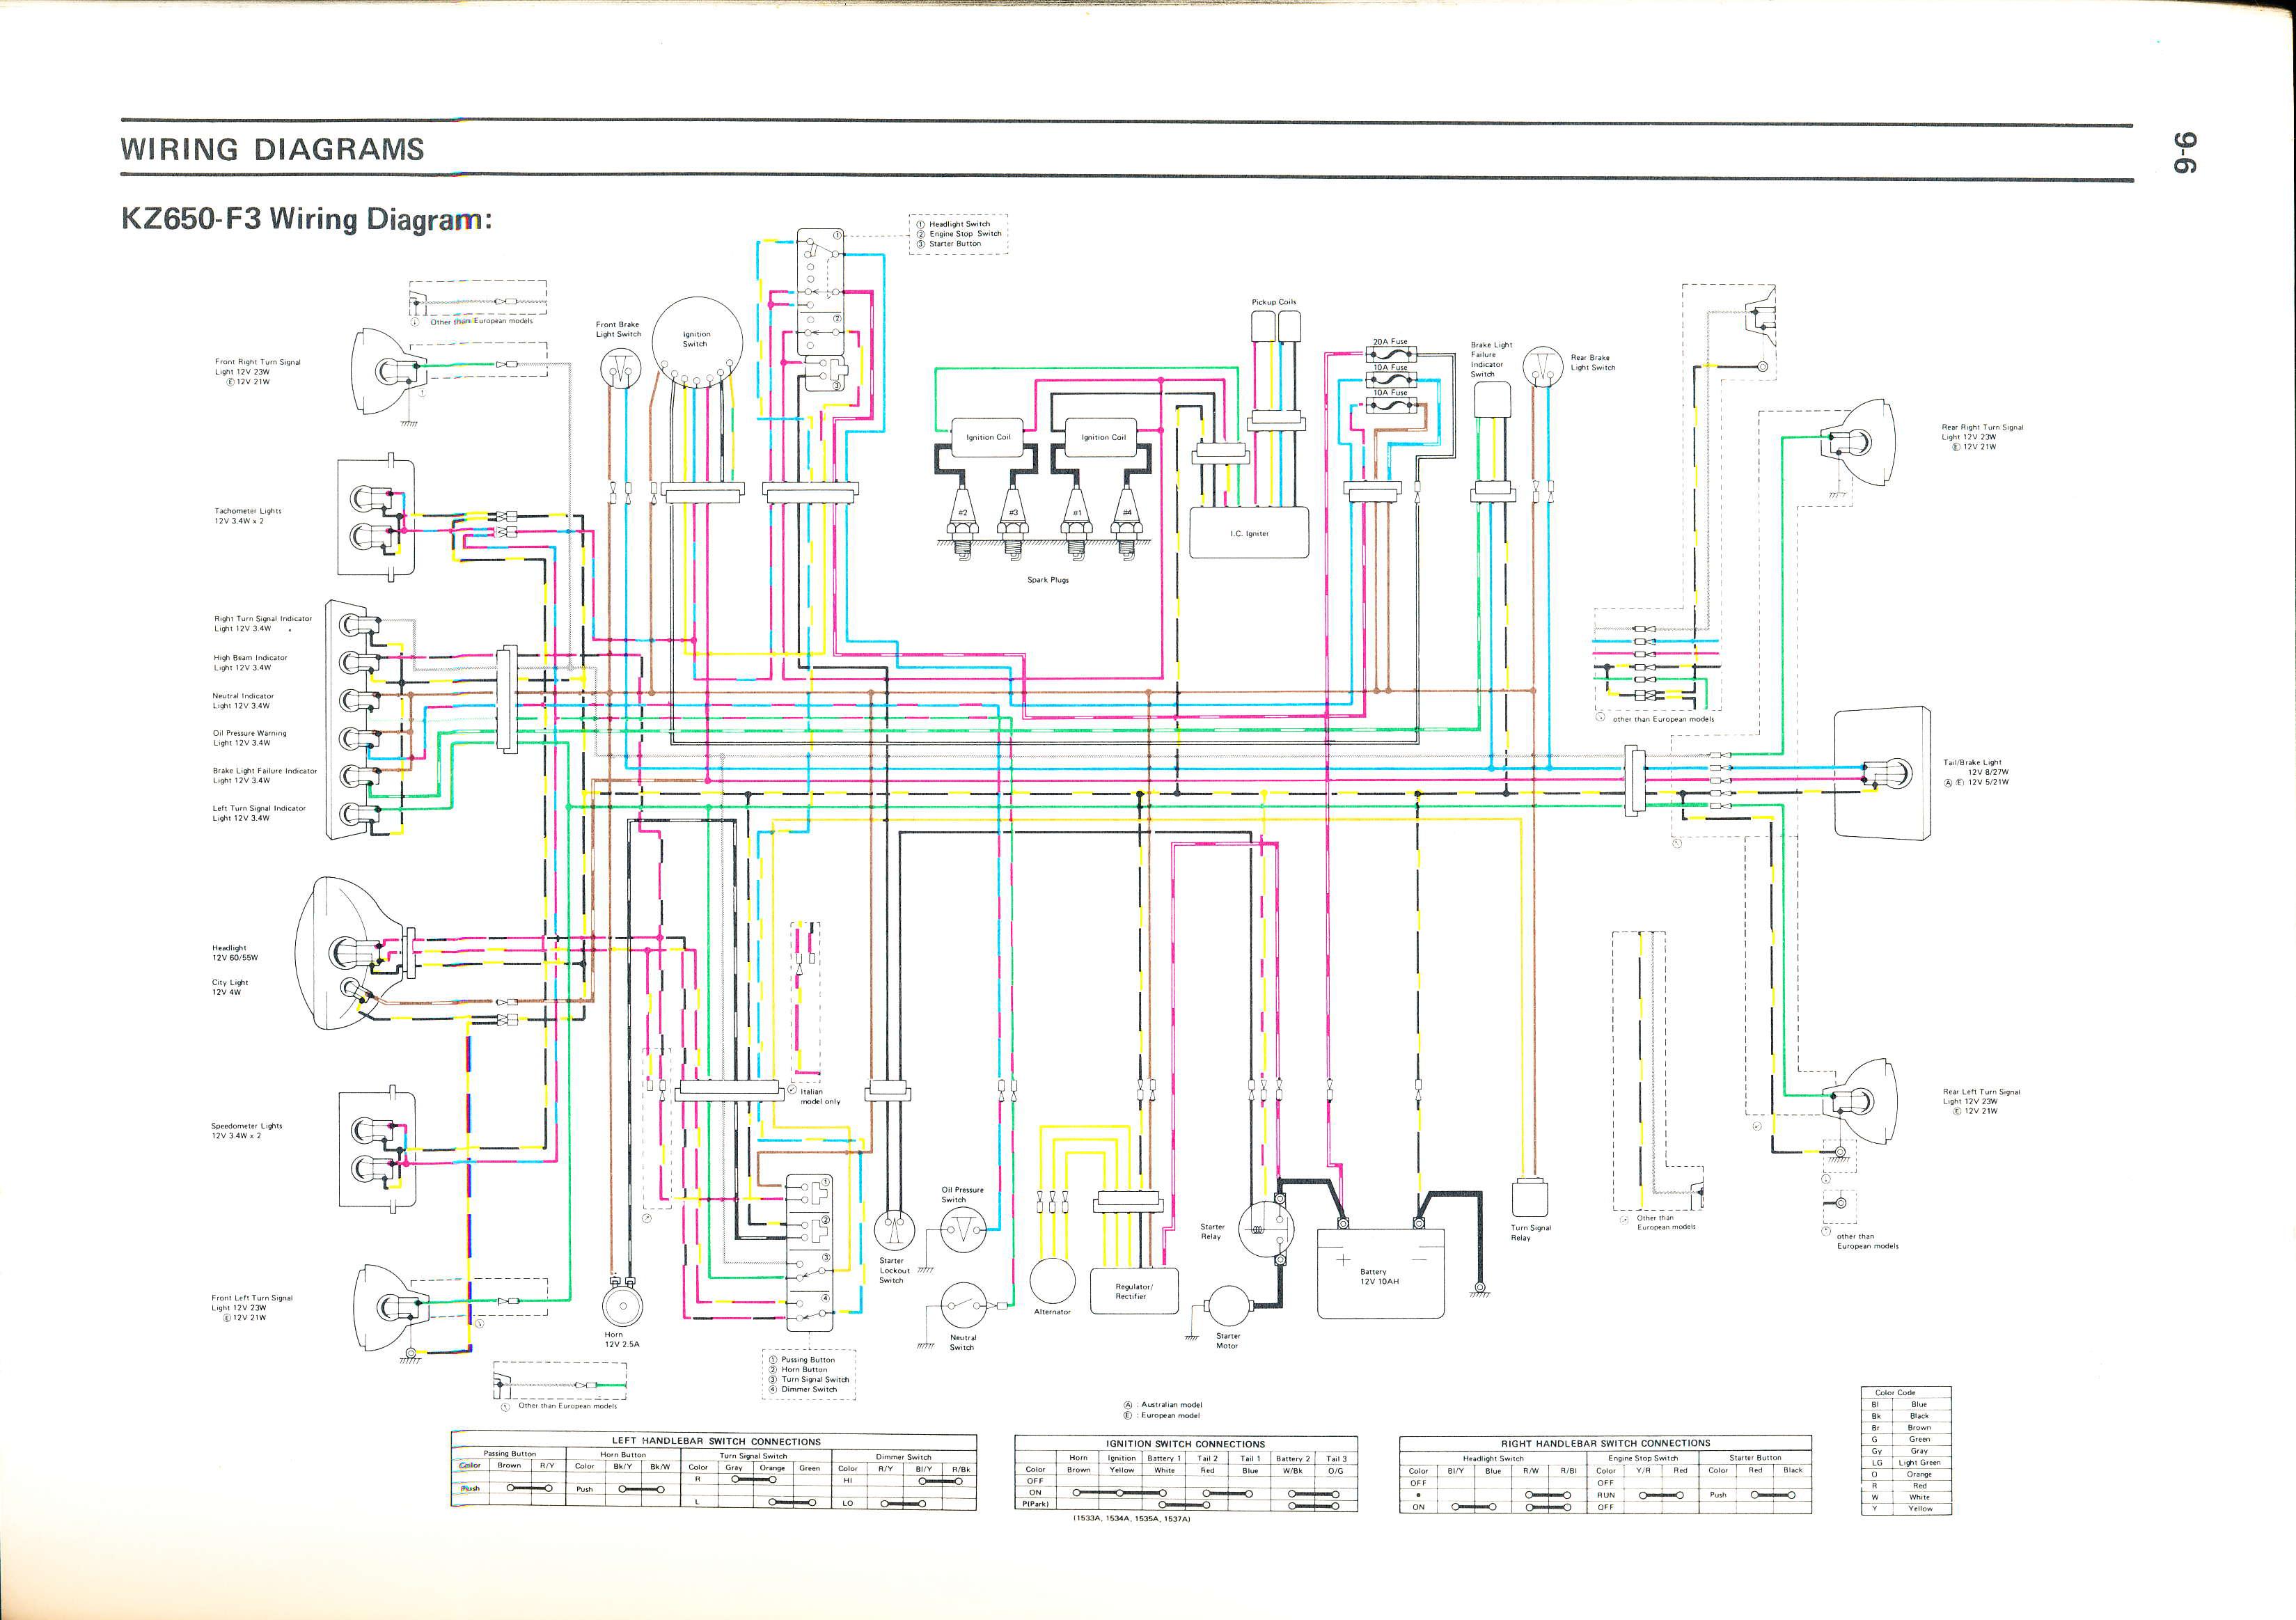 1977 kawasaki kz650 wiring diagram 34 wiring diagram 1981 Kawasaki KZ650 Wiring-Diagram oem 20service 20manual 20kz650 f3